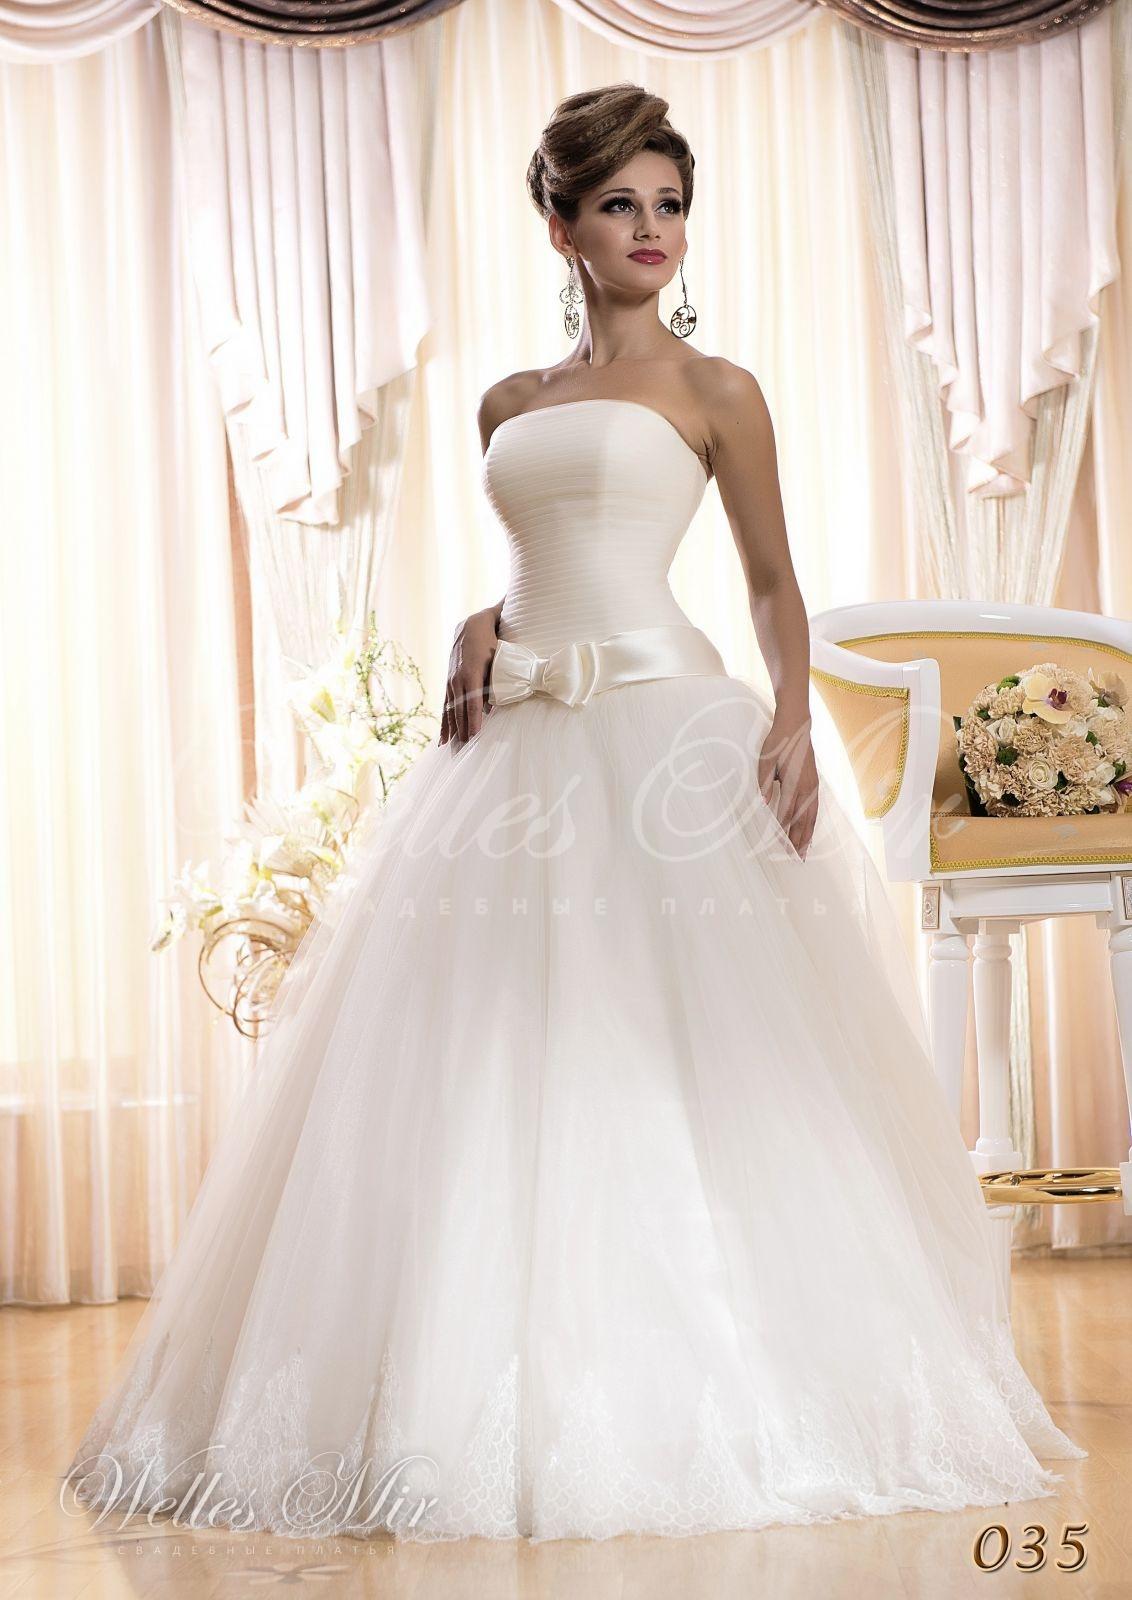 Свадебные платья Romantic Dream - 035